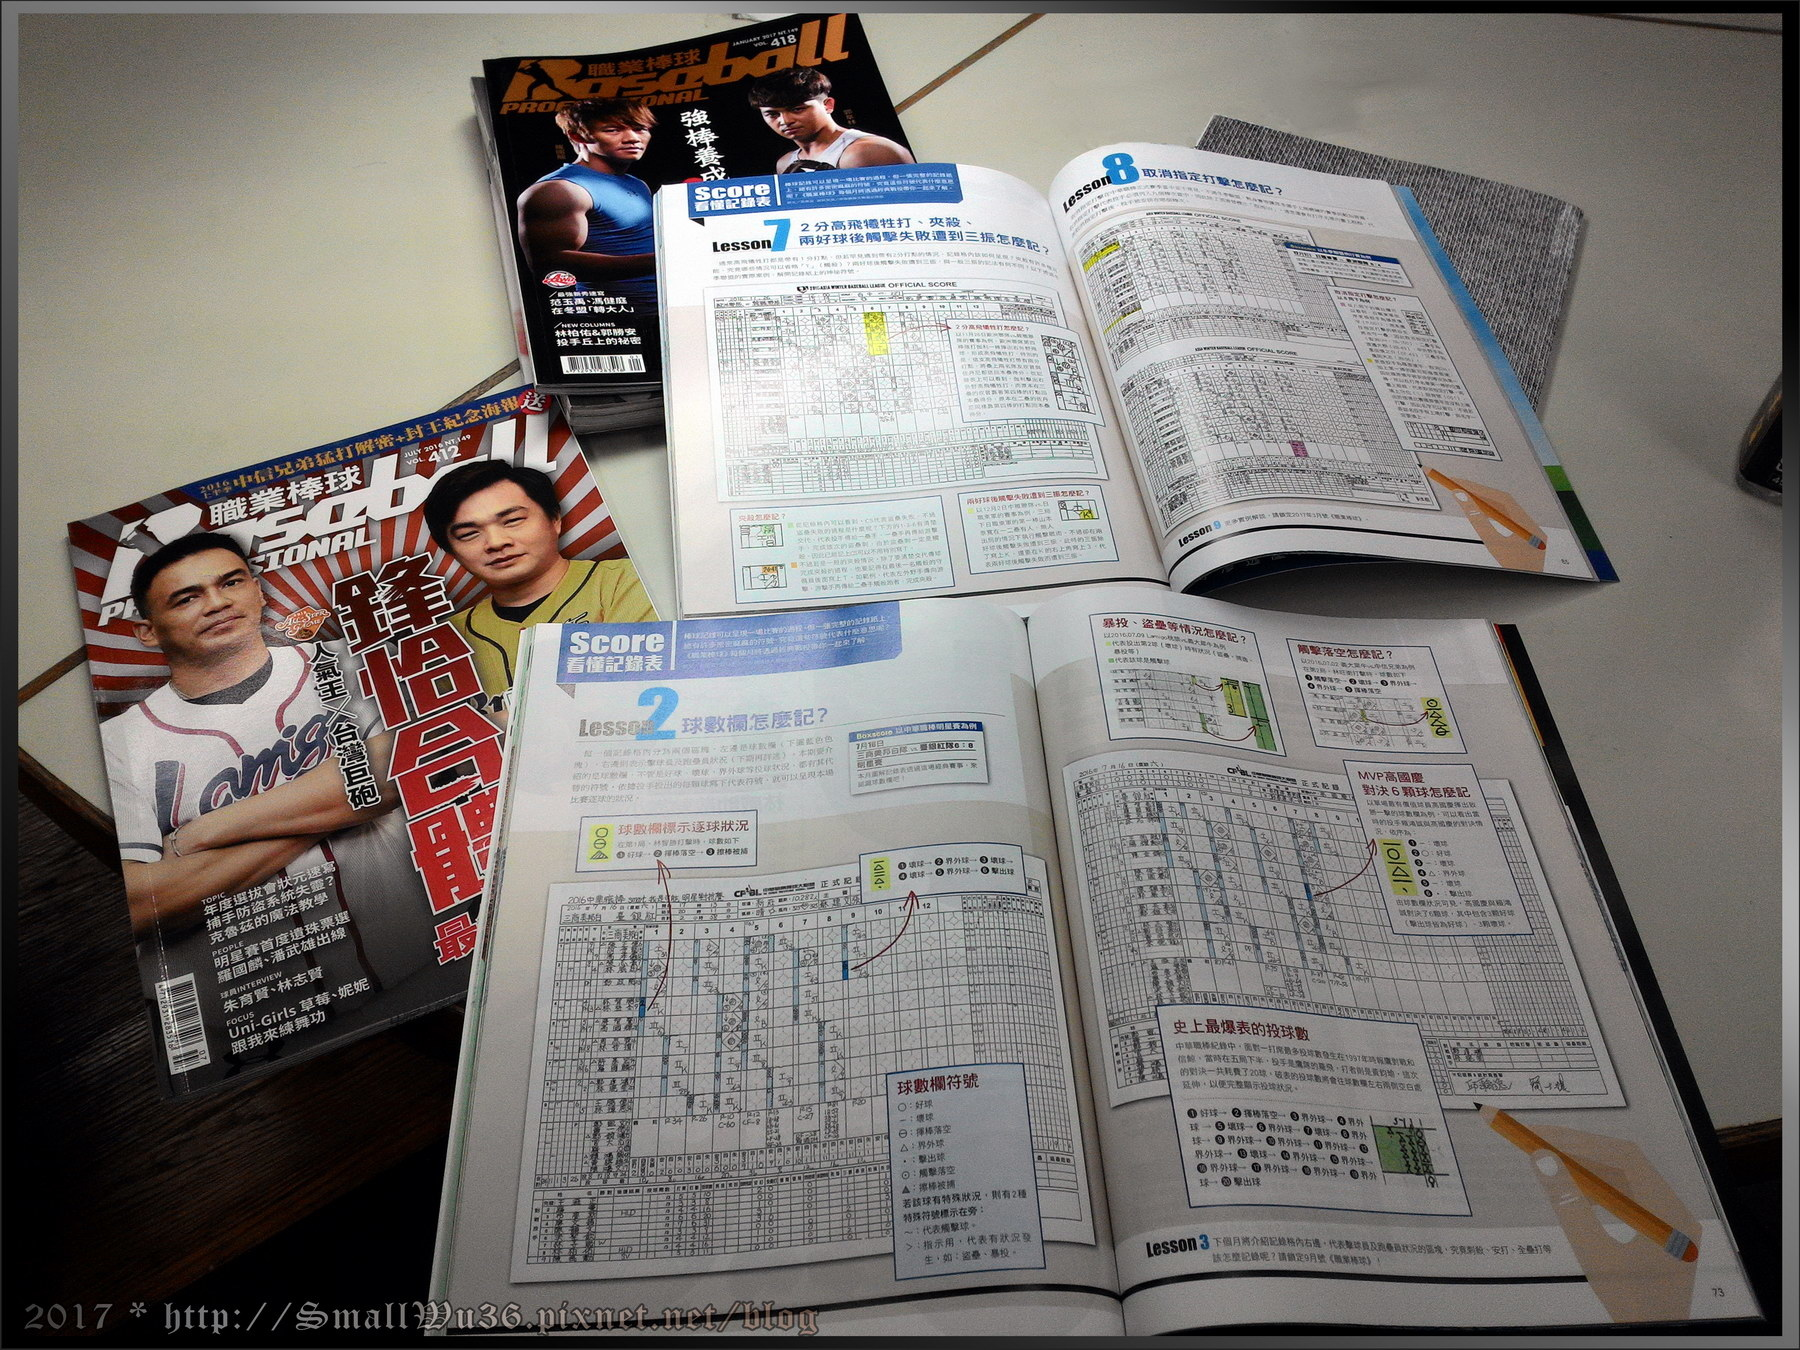 [中職雜誌] 職業棒球月刊 棒球紀錄法教學-001.jpg